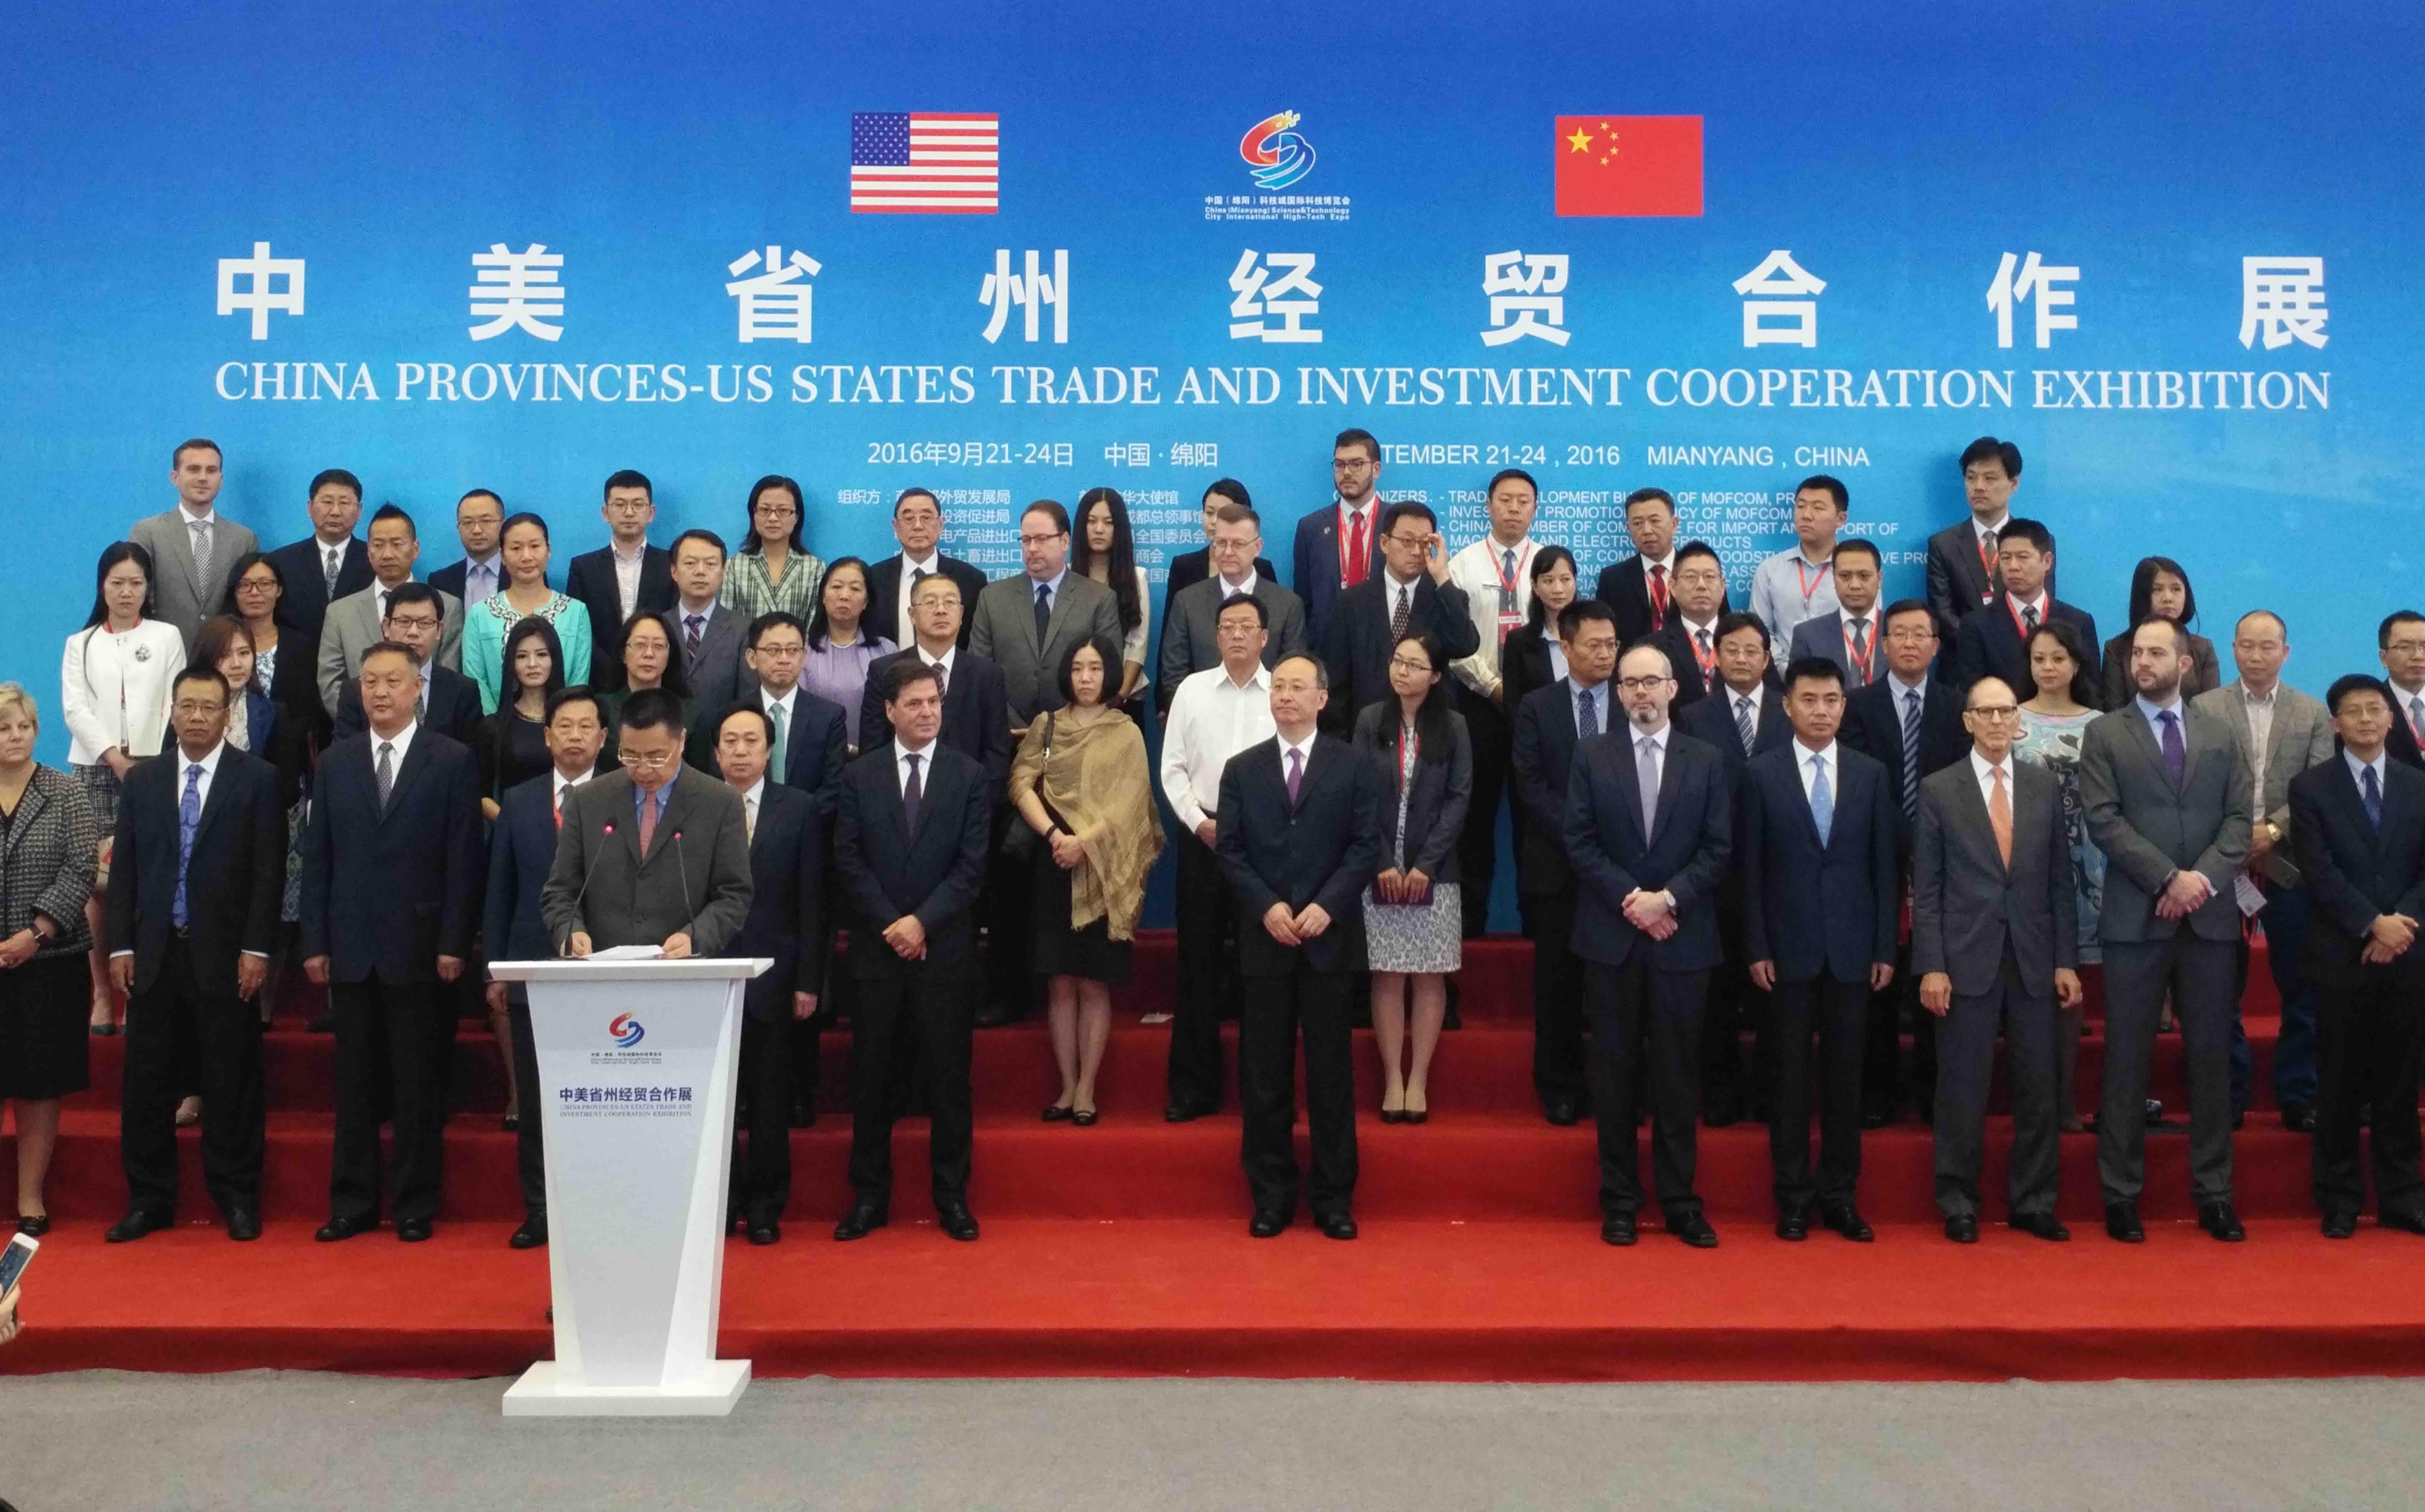 中美省州经贸合作大会